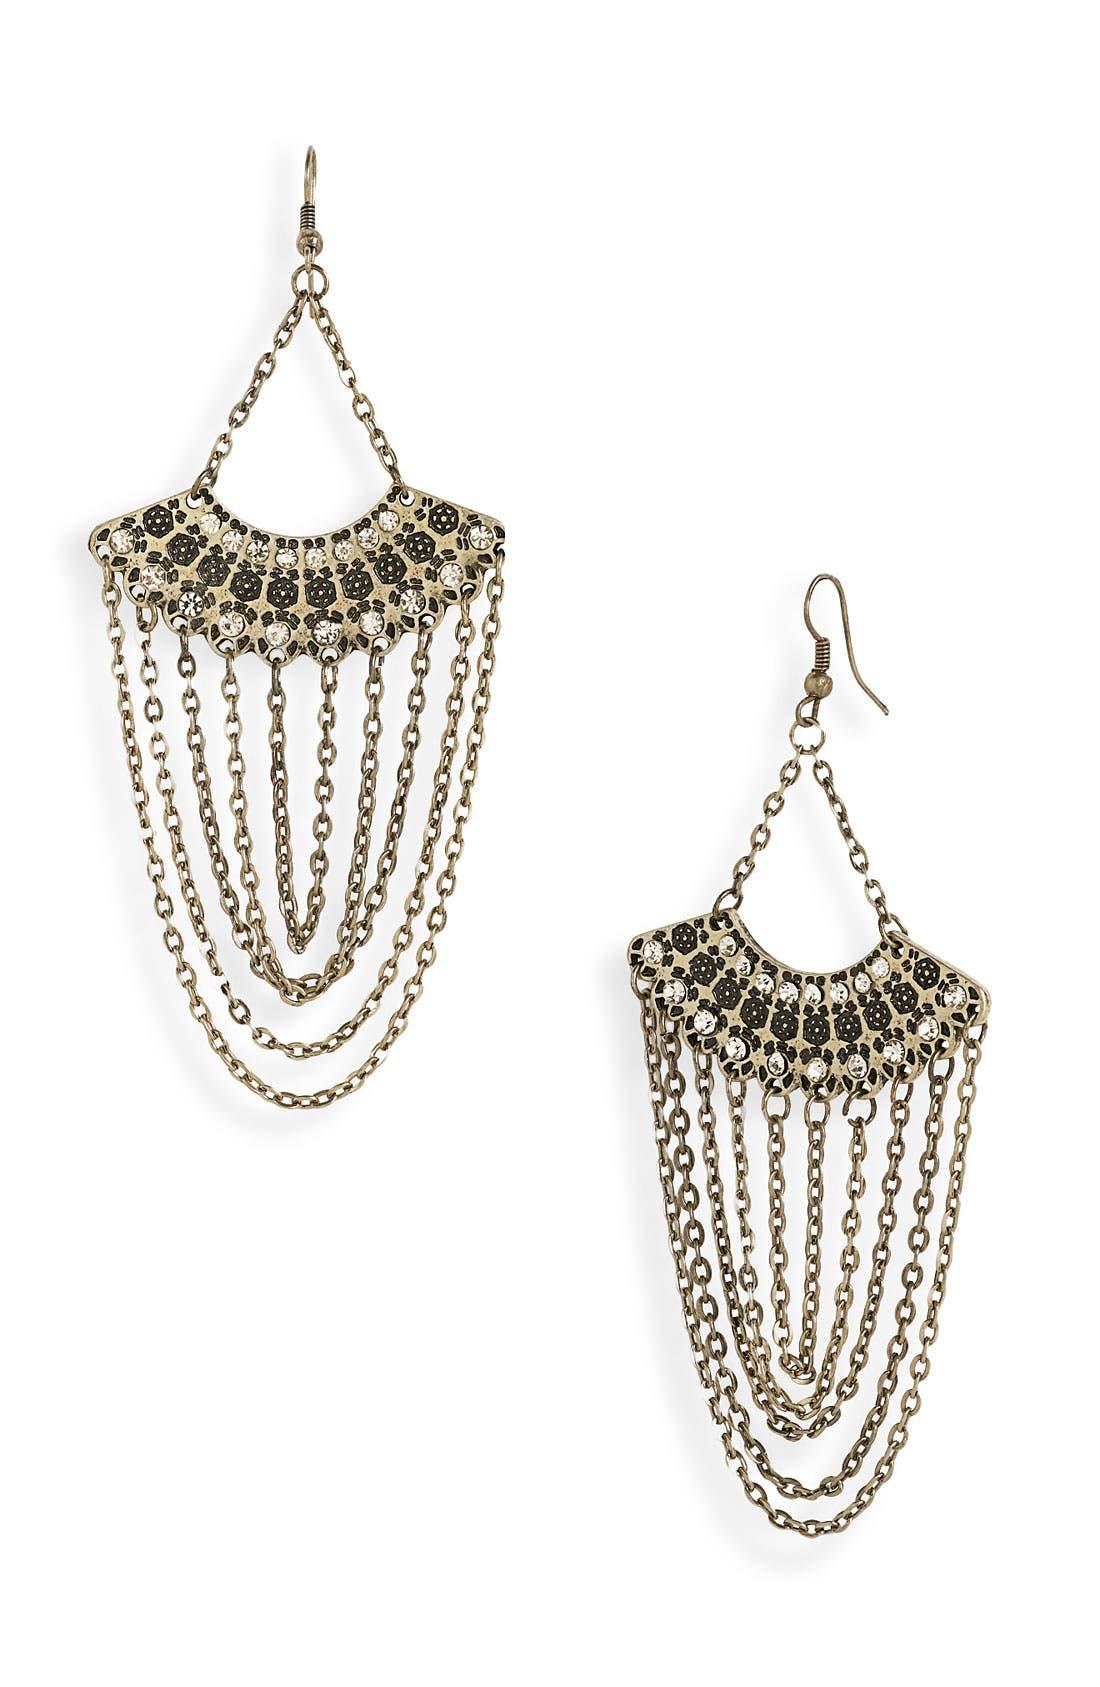 Main Image - Stephan & Co. Fan & Chain Earrings